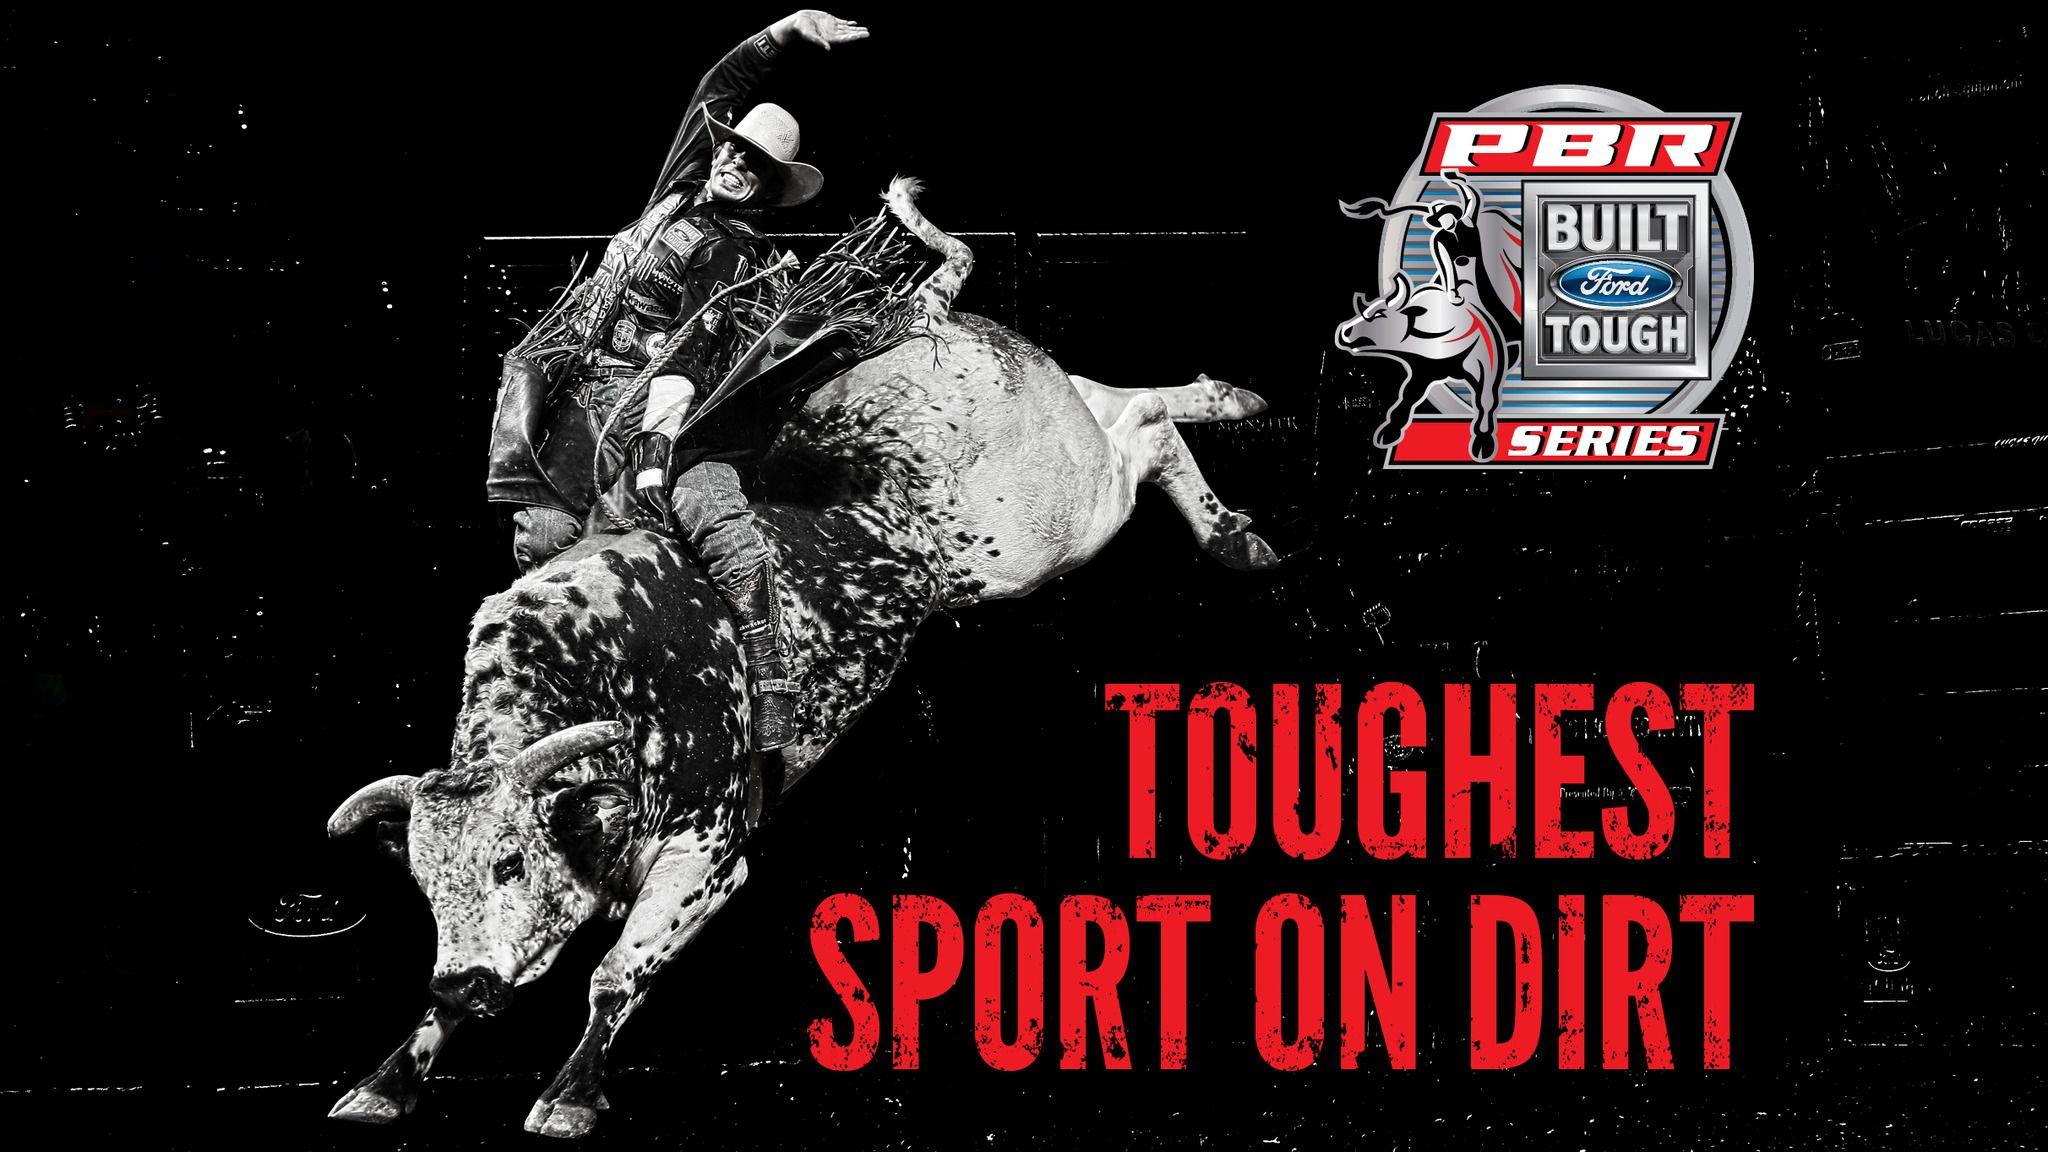 Pin By Cowboy Life On Bull Riding Built Ford Tough Bull Riding Tough